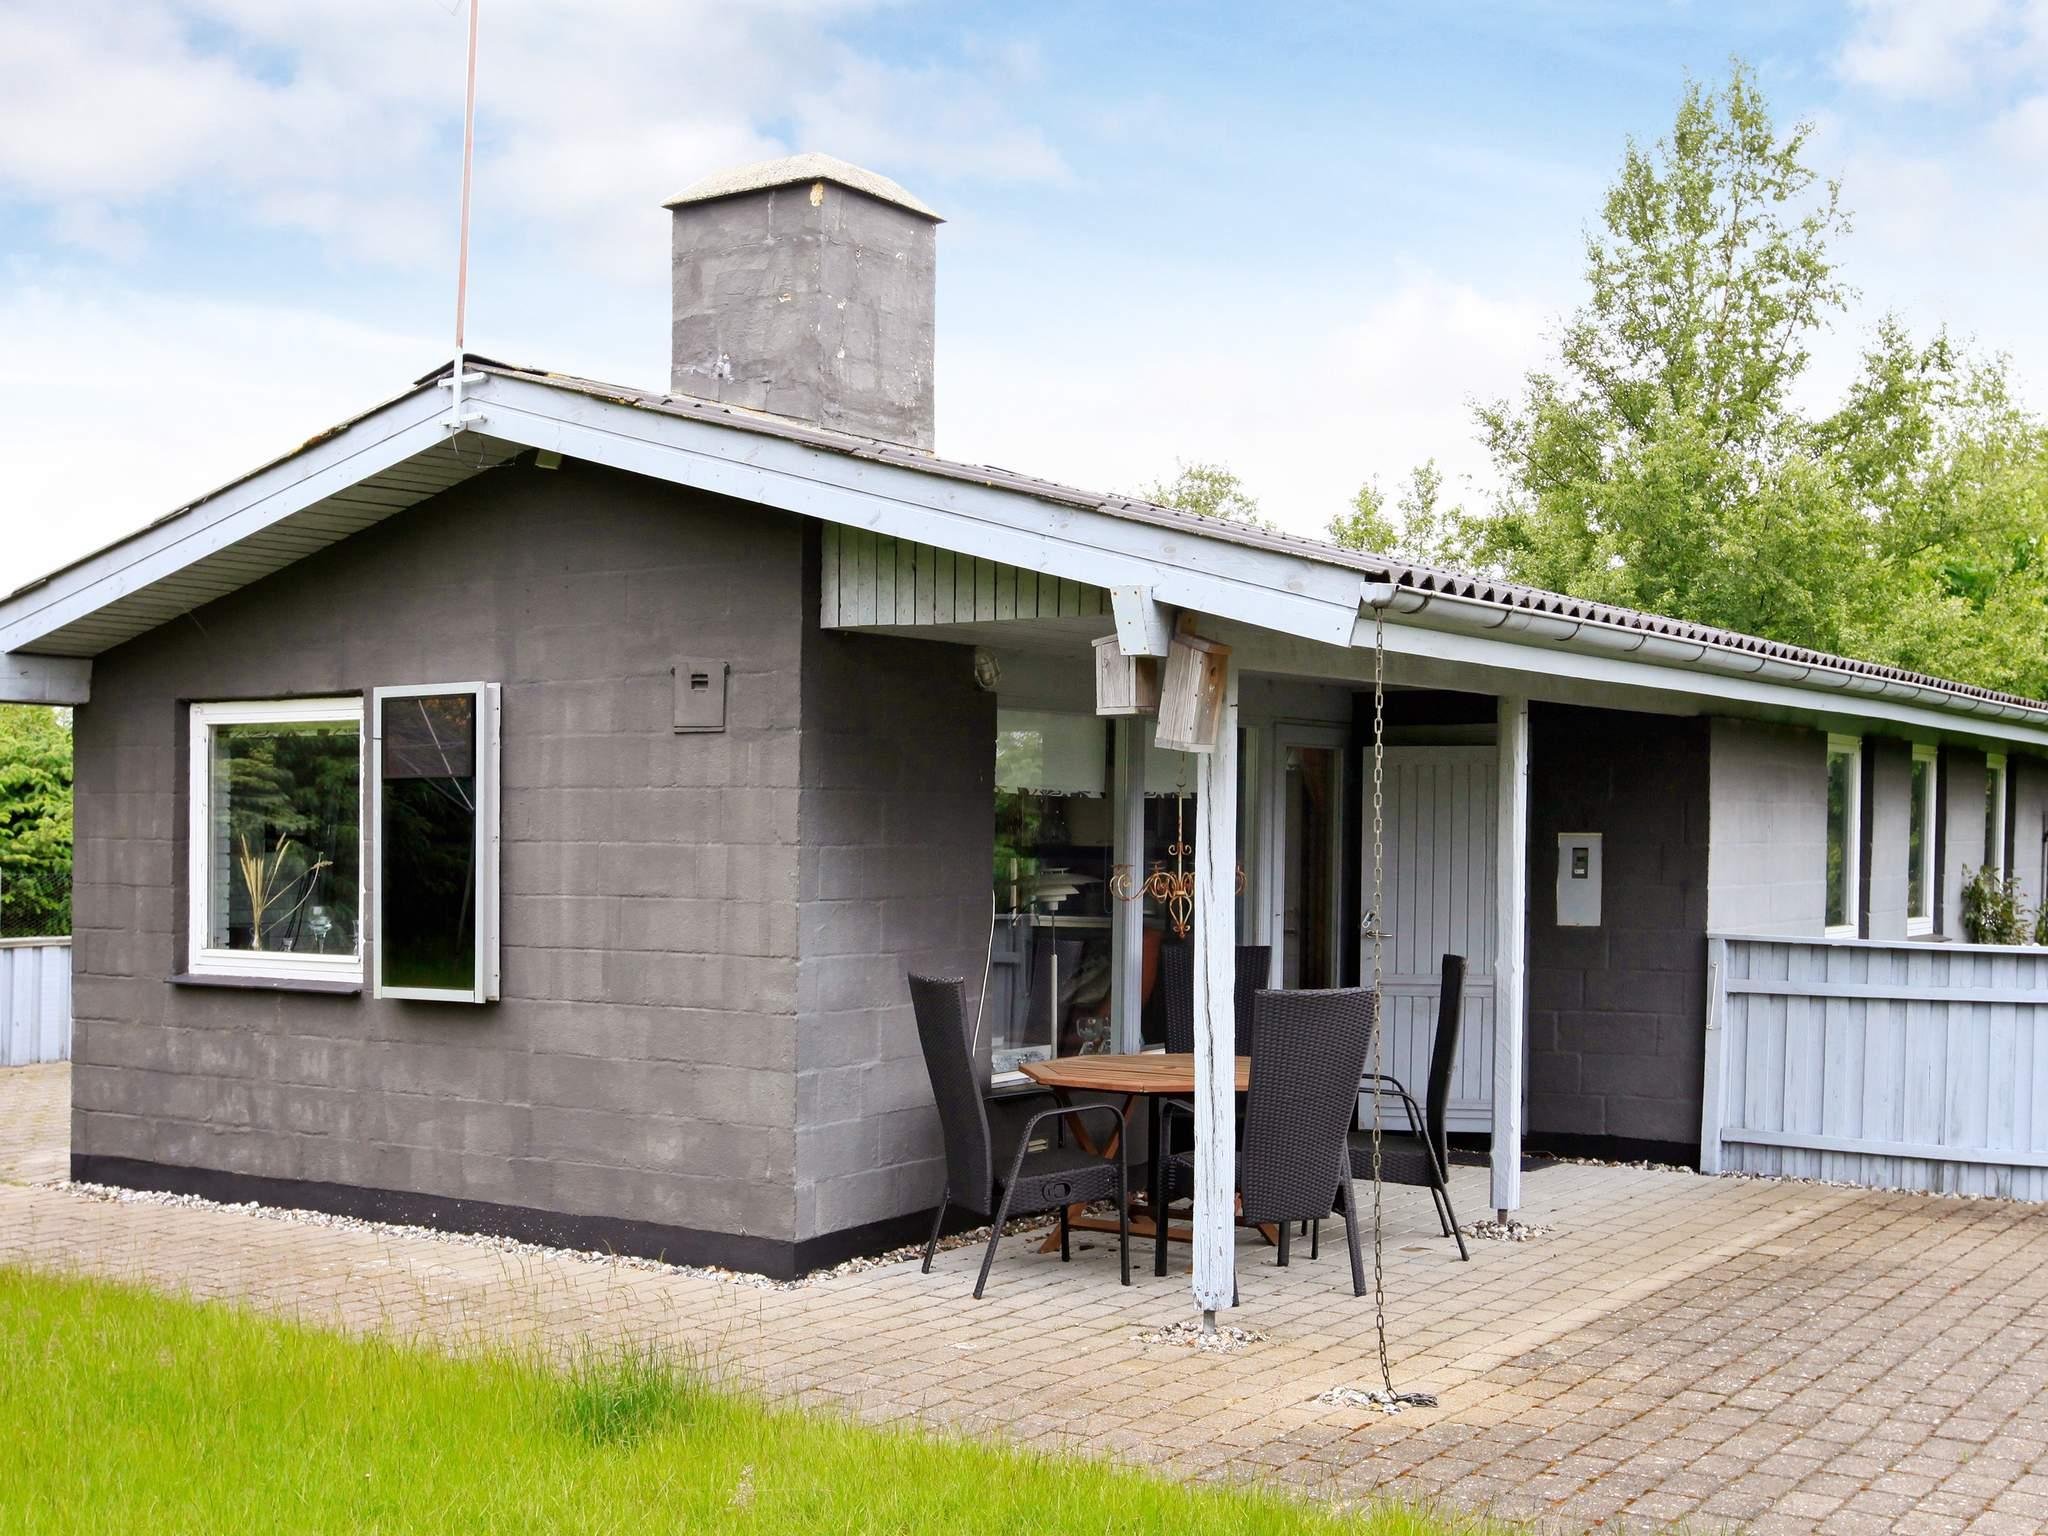 Ferienhaus Hals/Koldkær (359577), Hals, , Nordostjütland, Dänemark, Bild 5